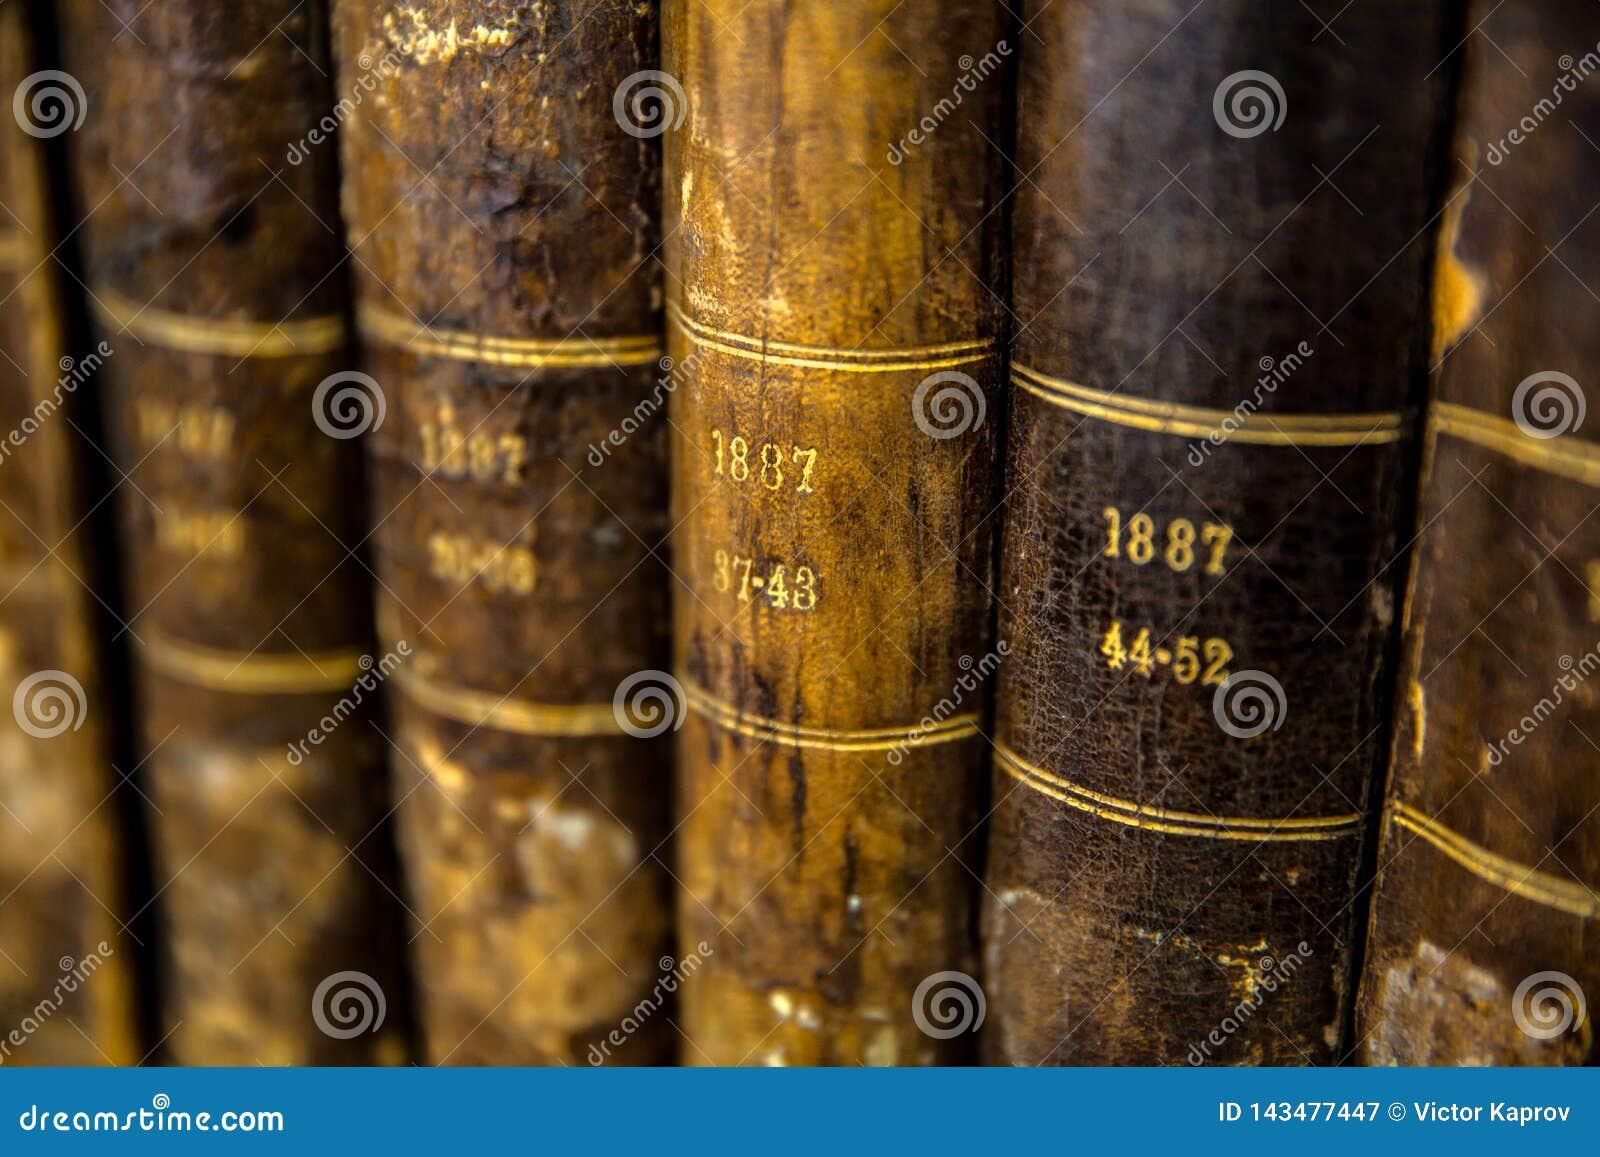 Close-up van een aantal zeer oude boeken